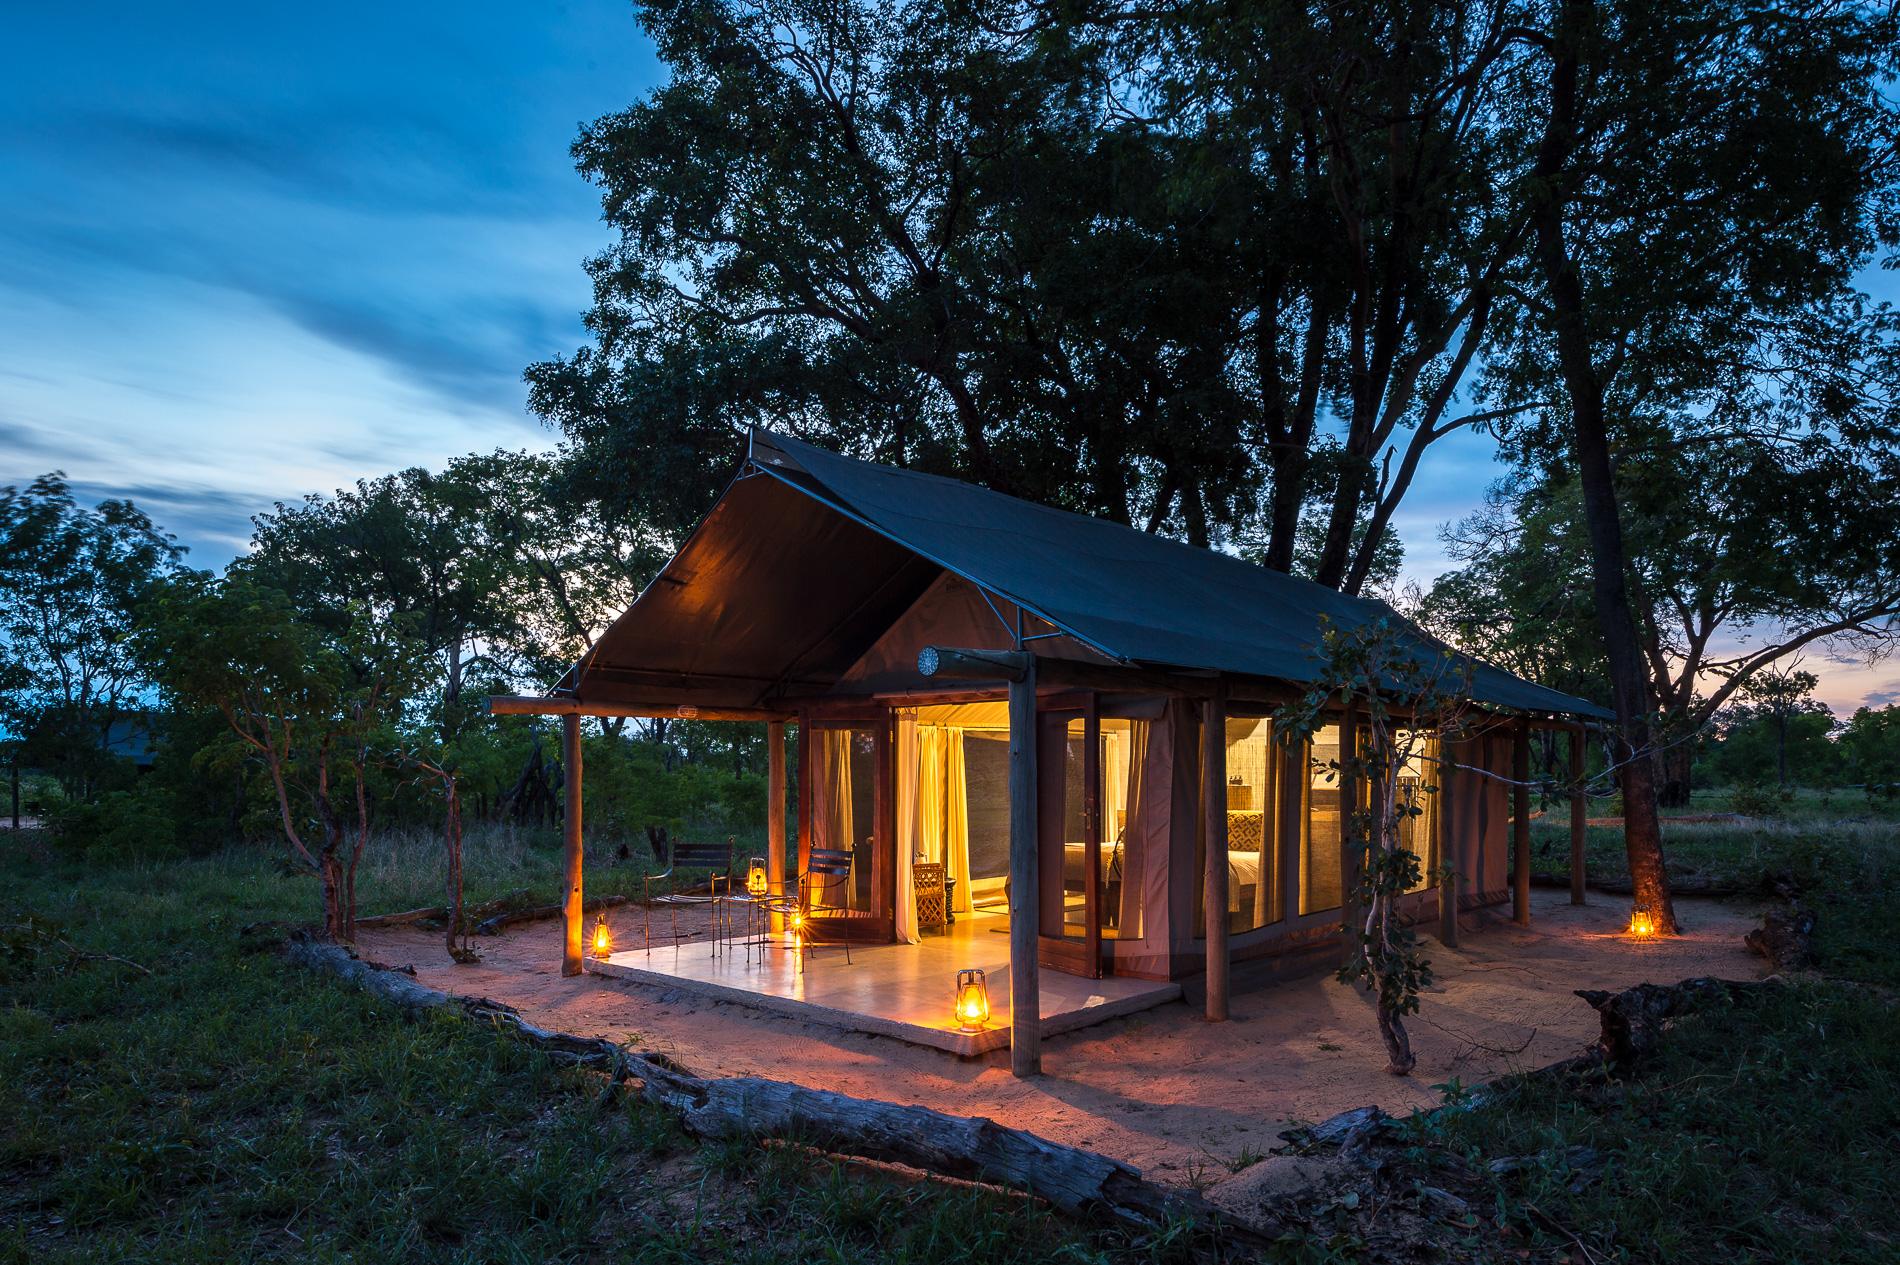 Davison's Camp Hwange Zimbabwe Tented Accommodation at night